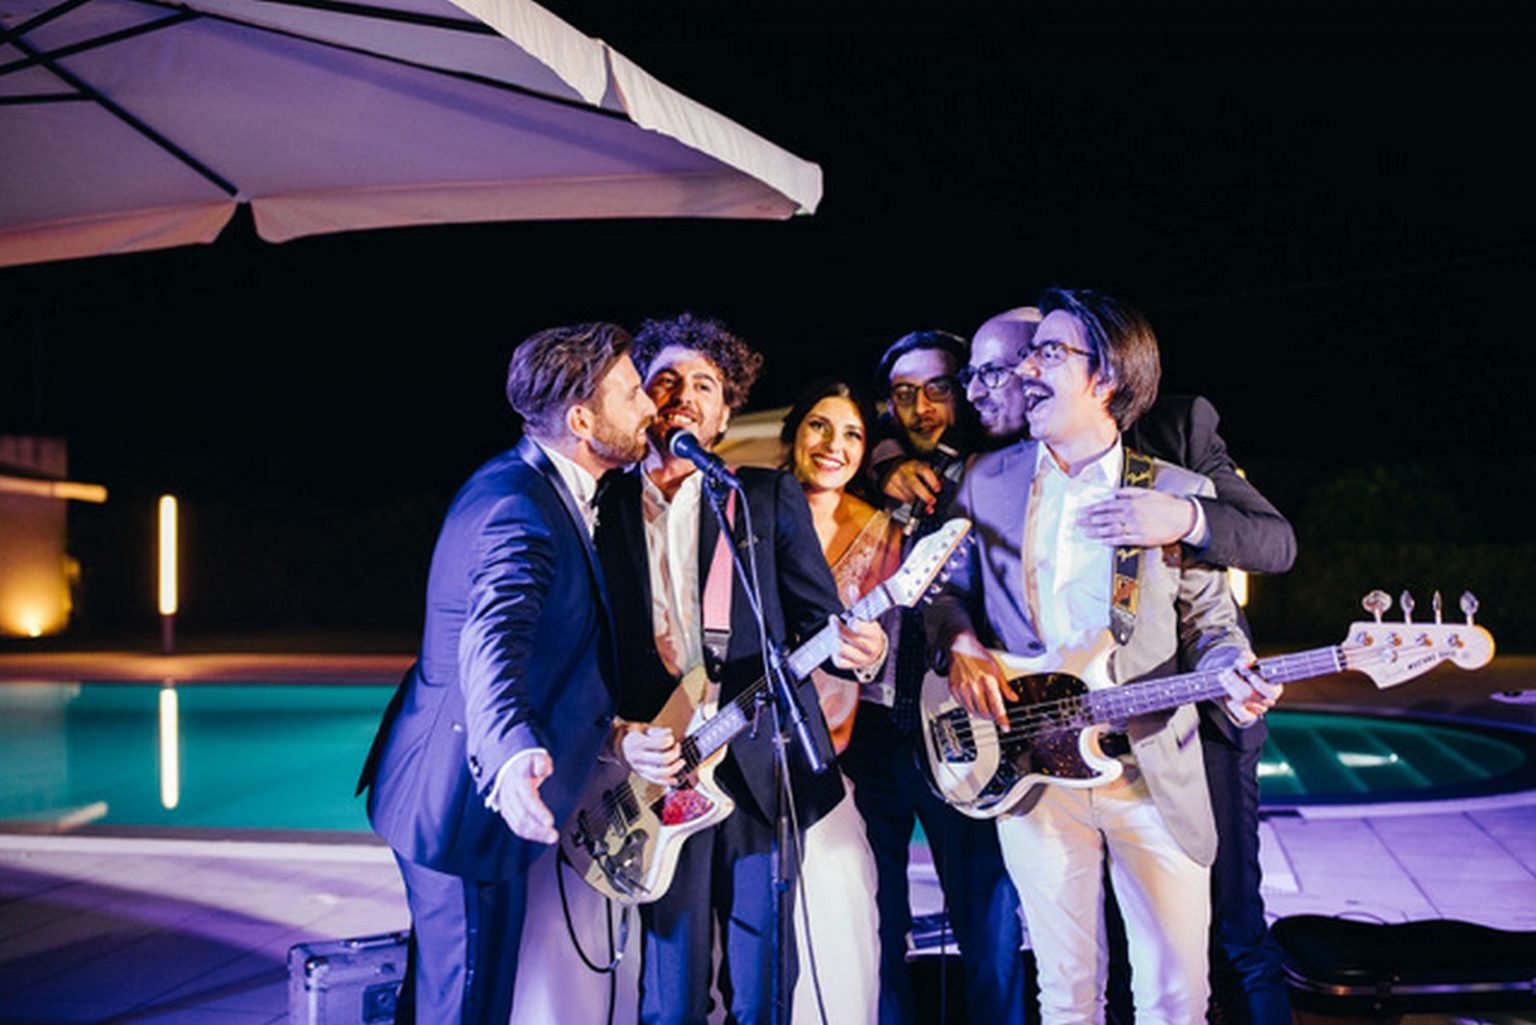 Luca-Alessandra-wedding-865